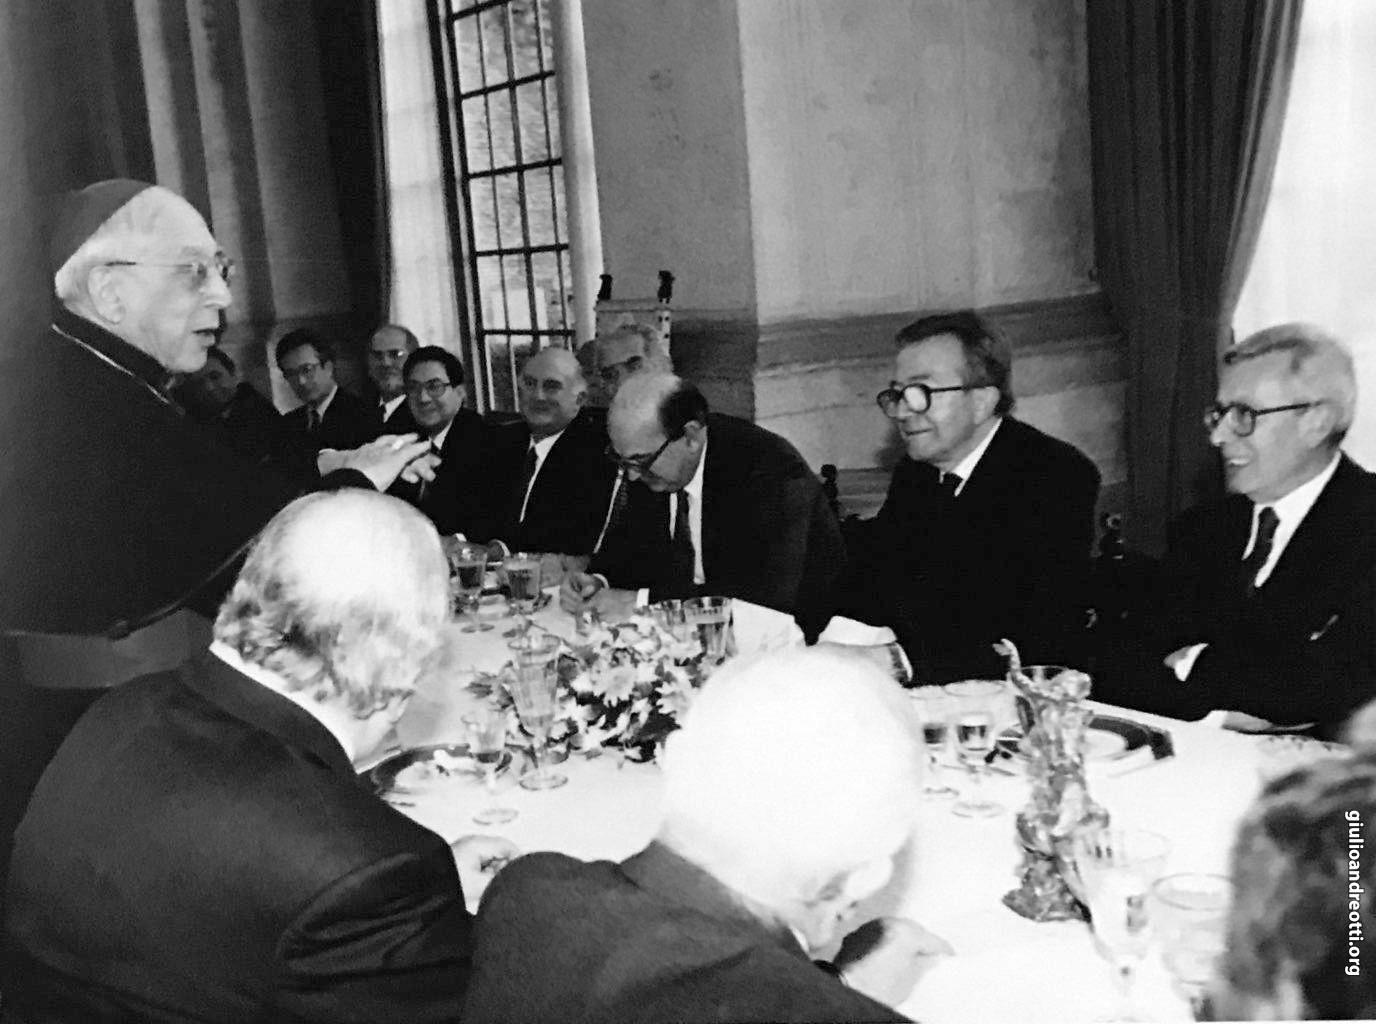 18 febbraio 1984. Pranzo a Villa Madama in occasione del nuovo concordato. Parla il cardinale Casaroli (foto Presidenza del Consiglio)